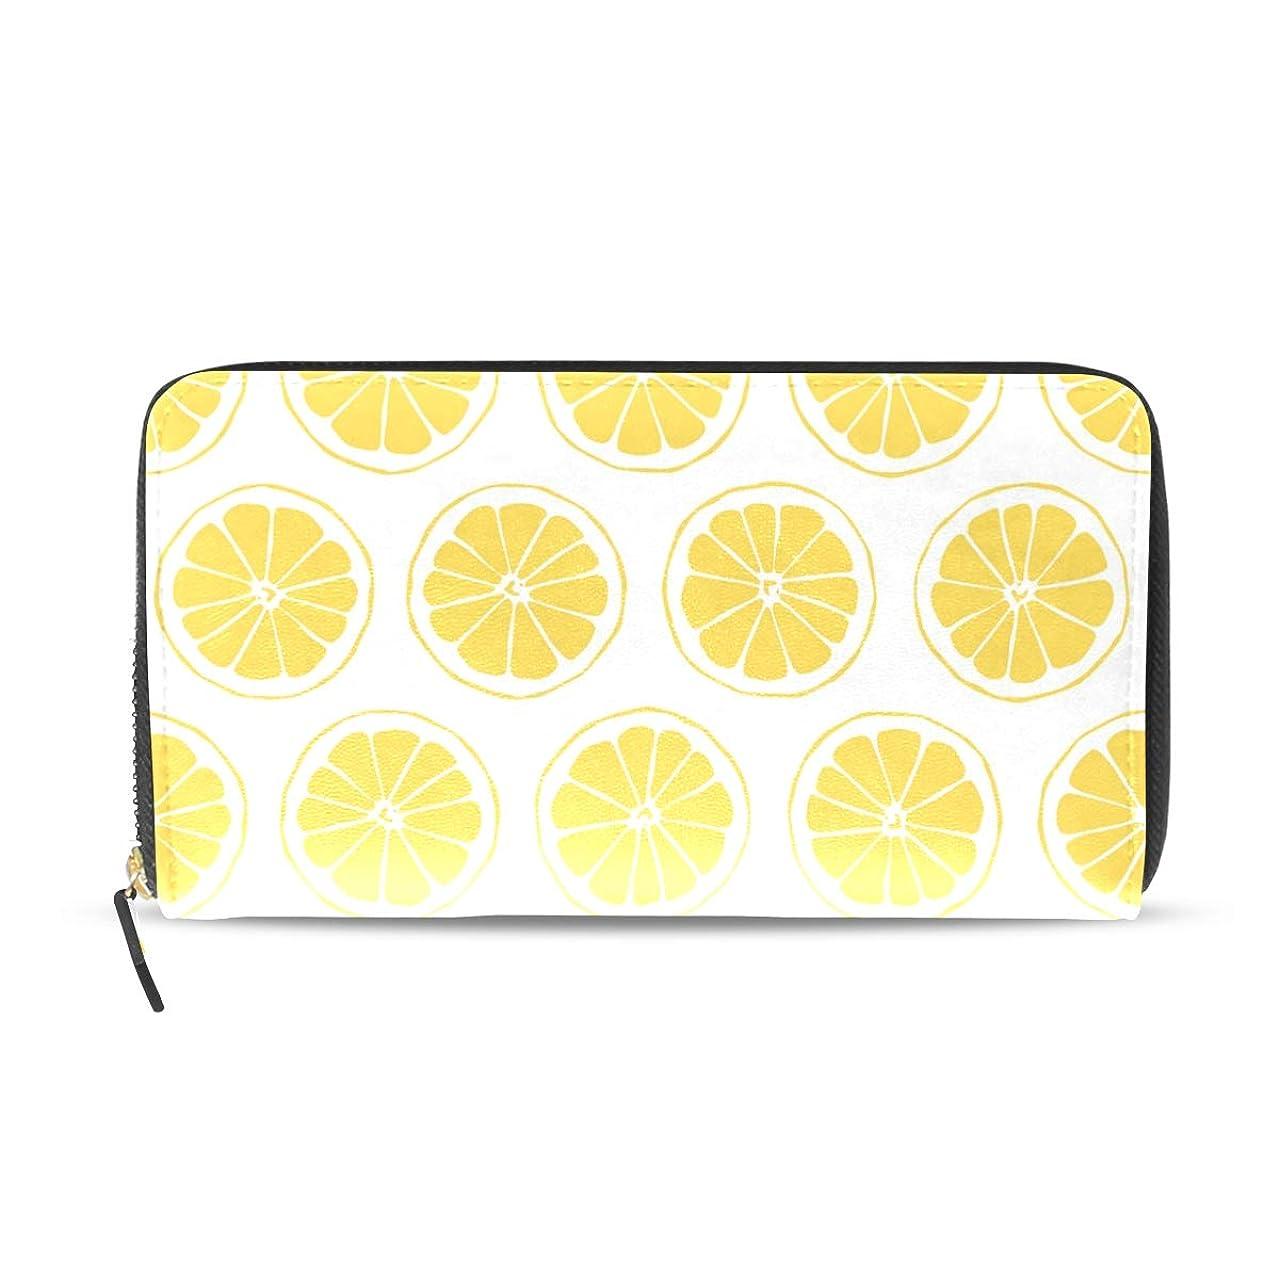 愛人ボタン入力マキク(MAKIKU) 財布 レディース 長財布 本革 大容量 レモン柄 果物 プレゼント対応